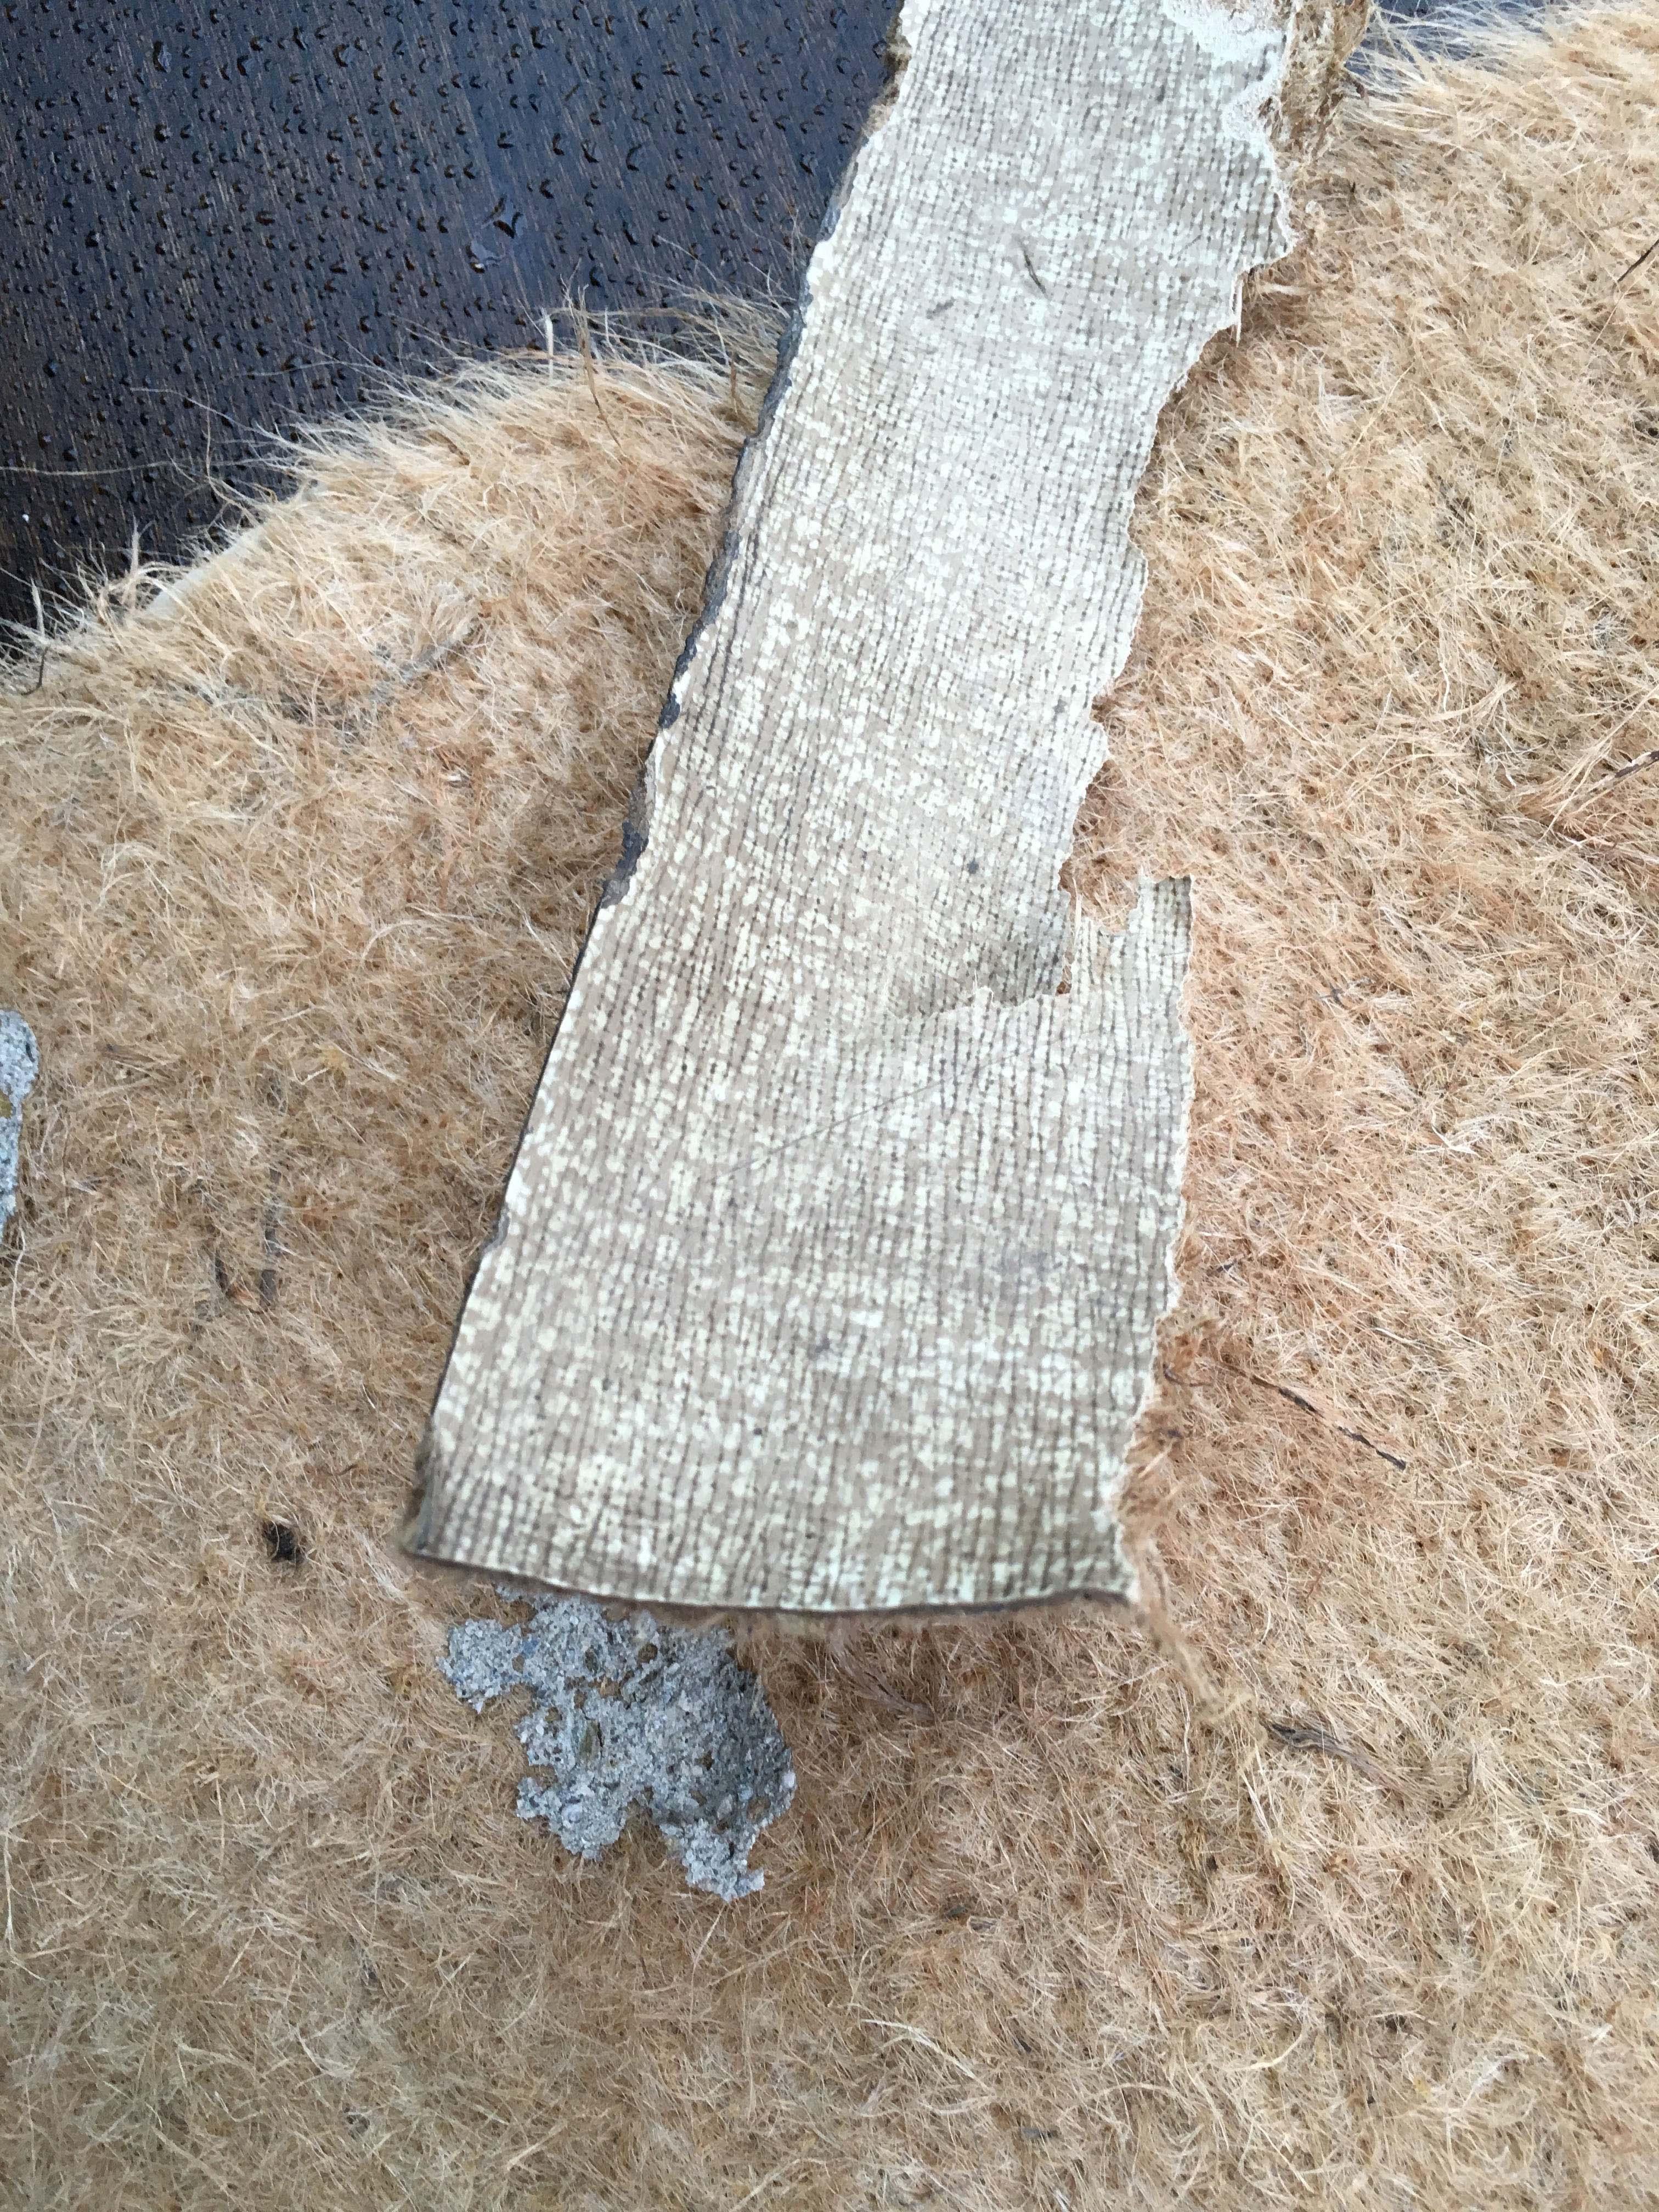 ist in diesem malterial asbest enthalten gesundheit alter bauen. Black Bedroom Furniture Sets. Home Design Ideas